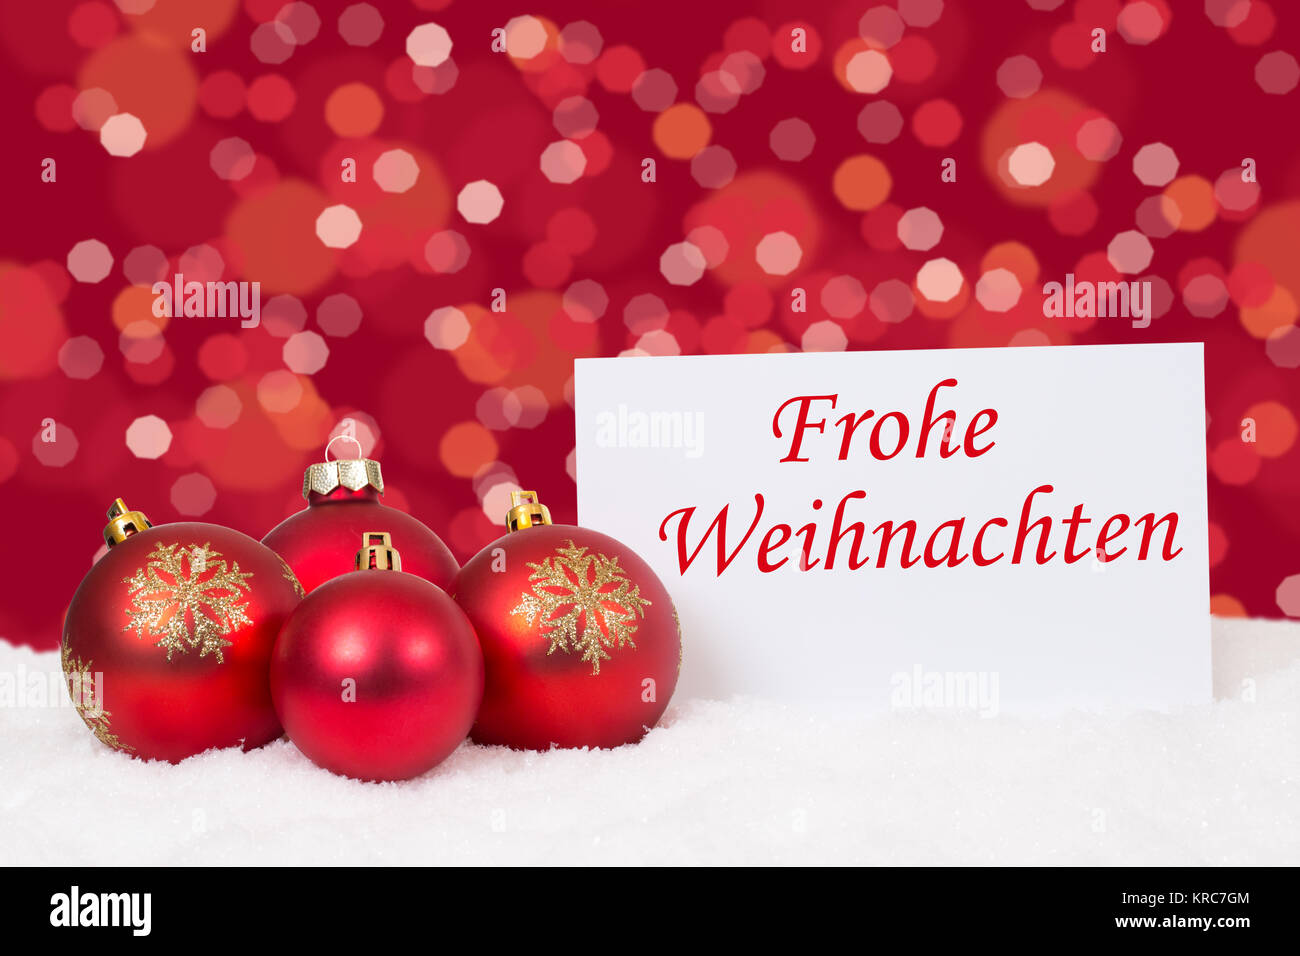 rote weihnachtskugeln frohe weihnachten weihnachtskarte w nsche karte stock photo 169299780 alamy. Black Bedroom Furniture Sets. Home Design Ideas